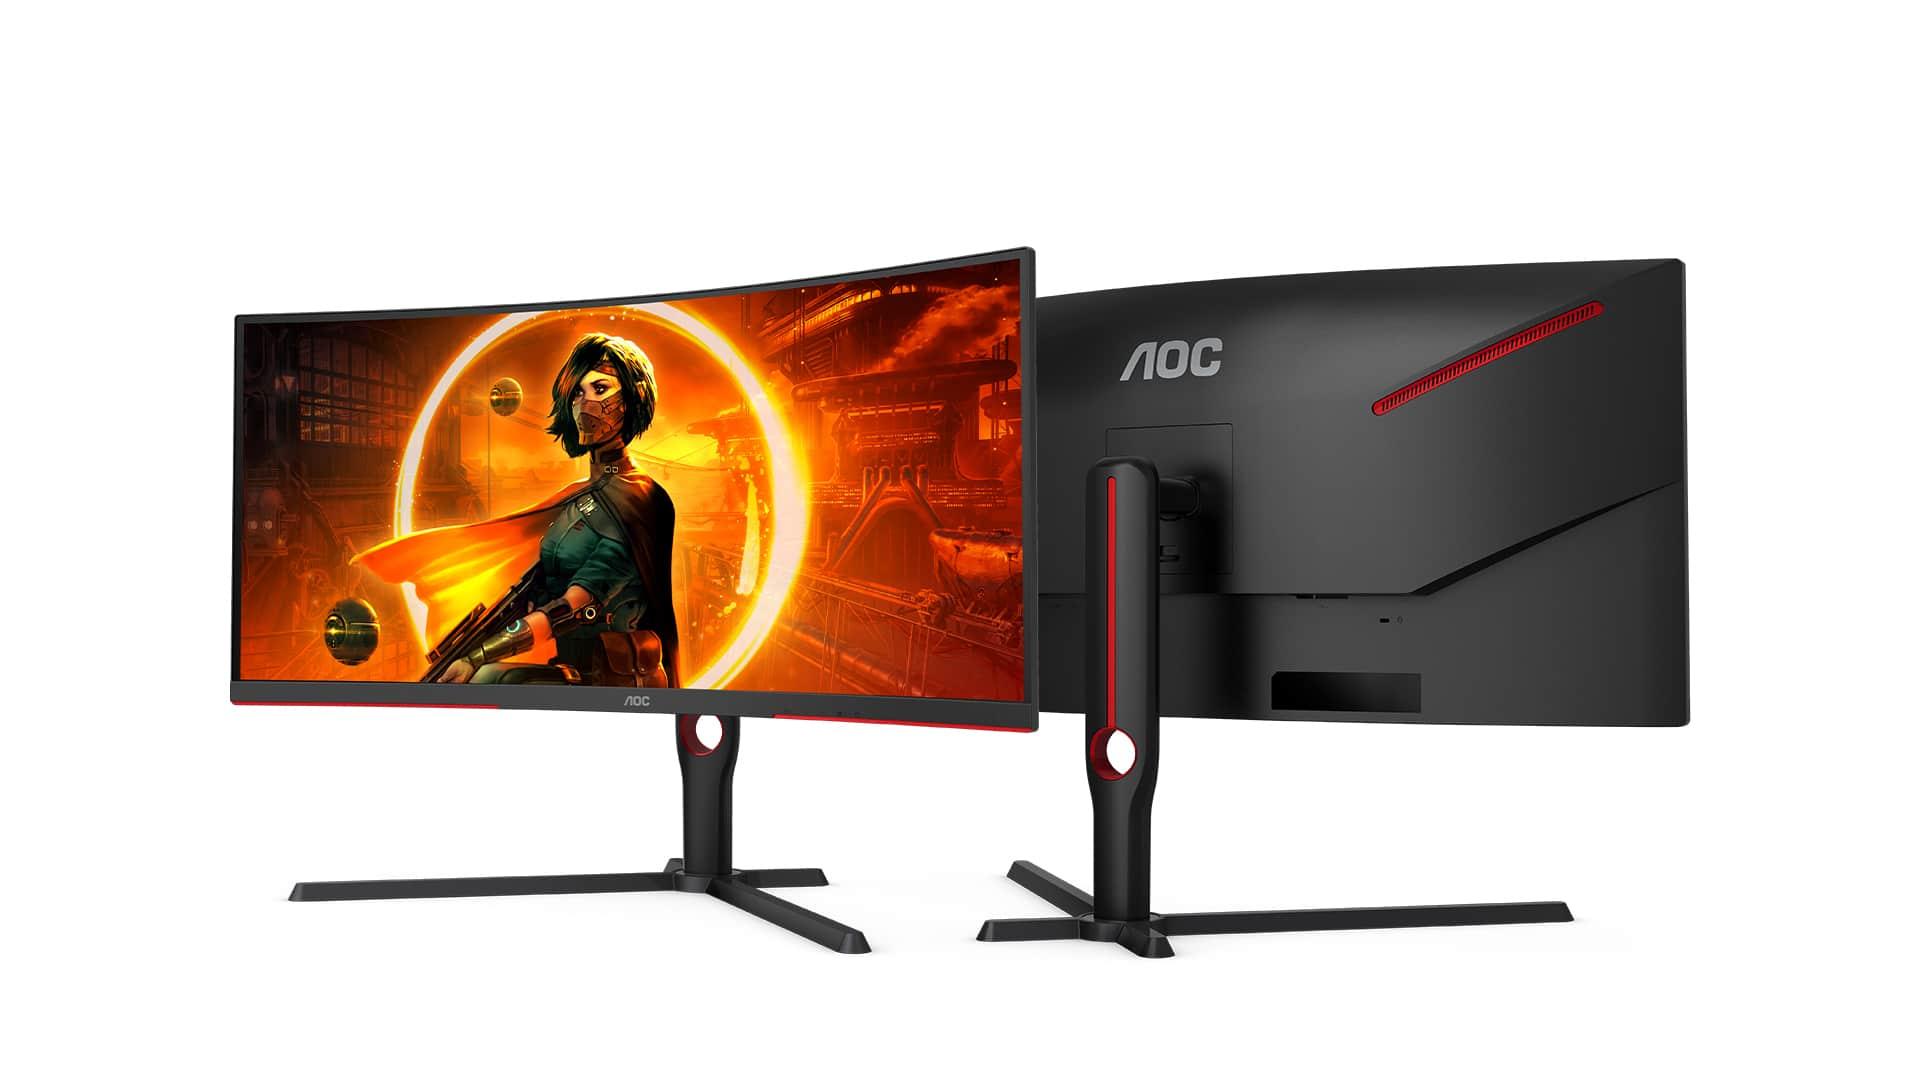 Esperienza di gaming ultra immersiva con i nuovi monitor AOC thumbnail